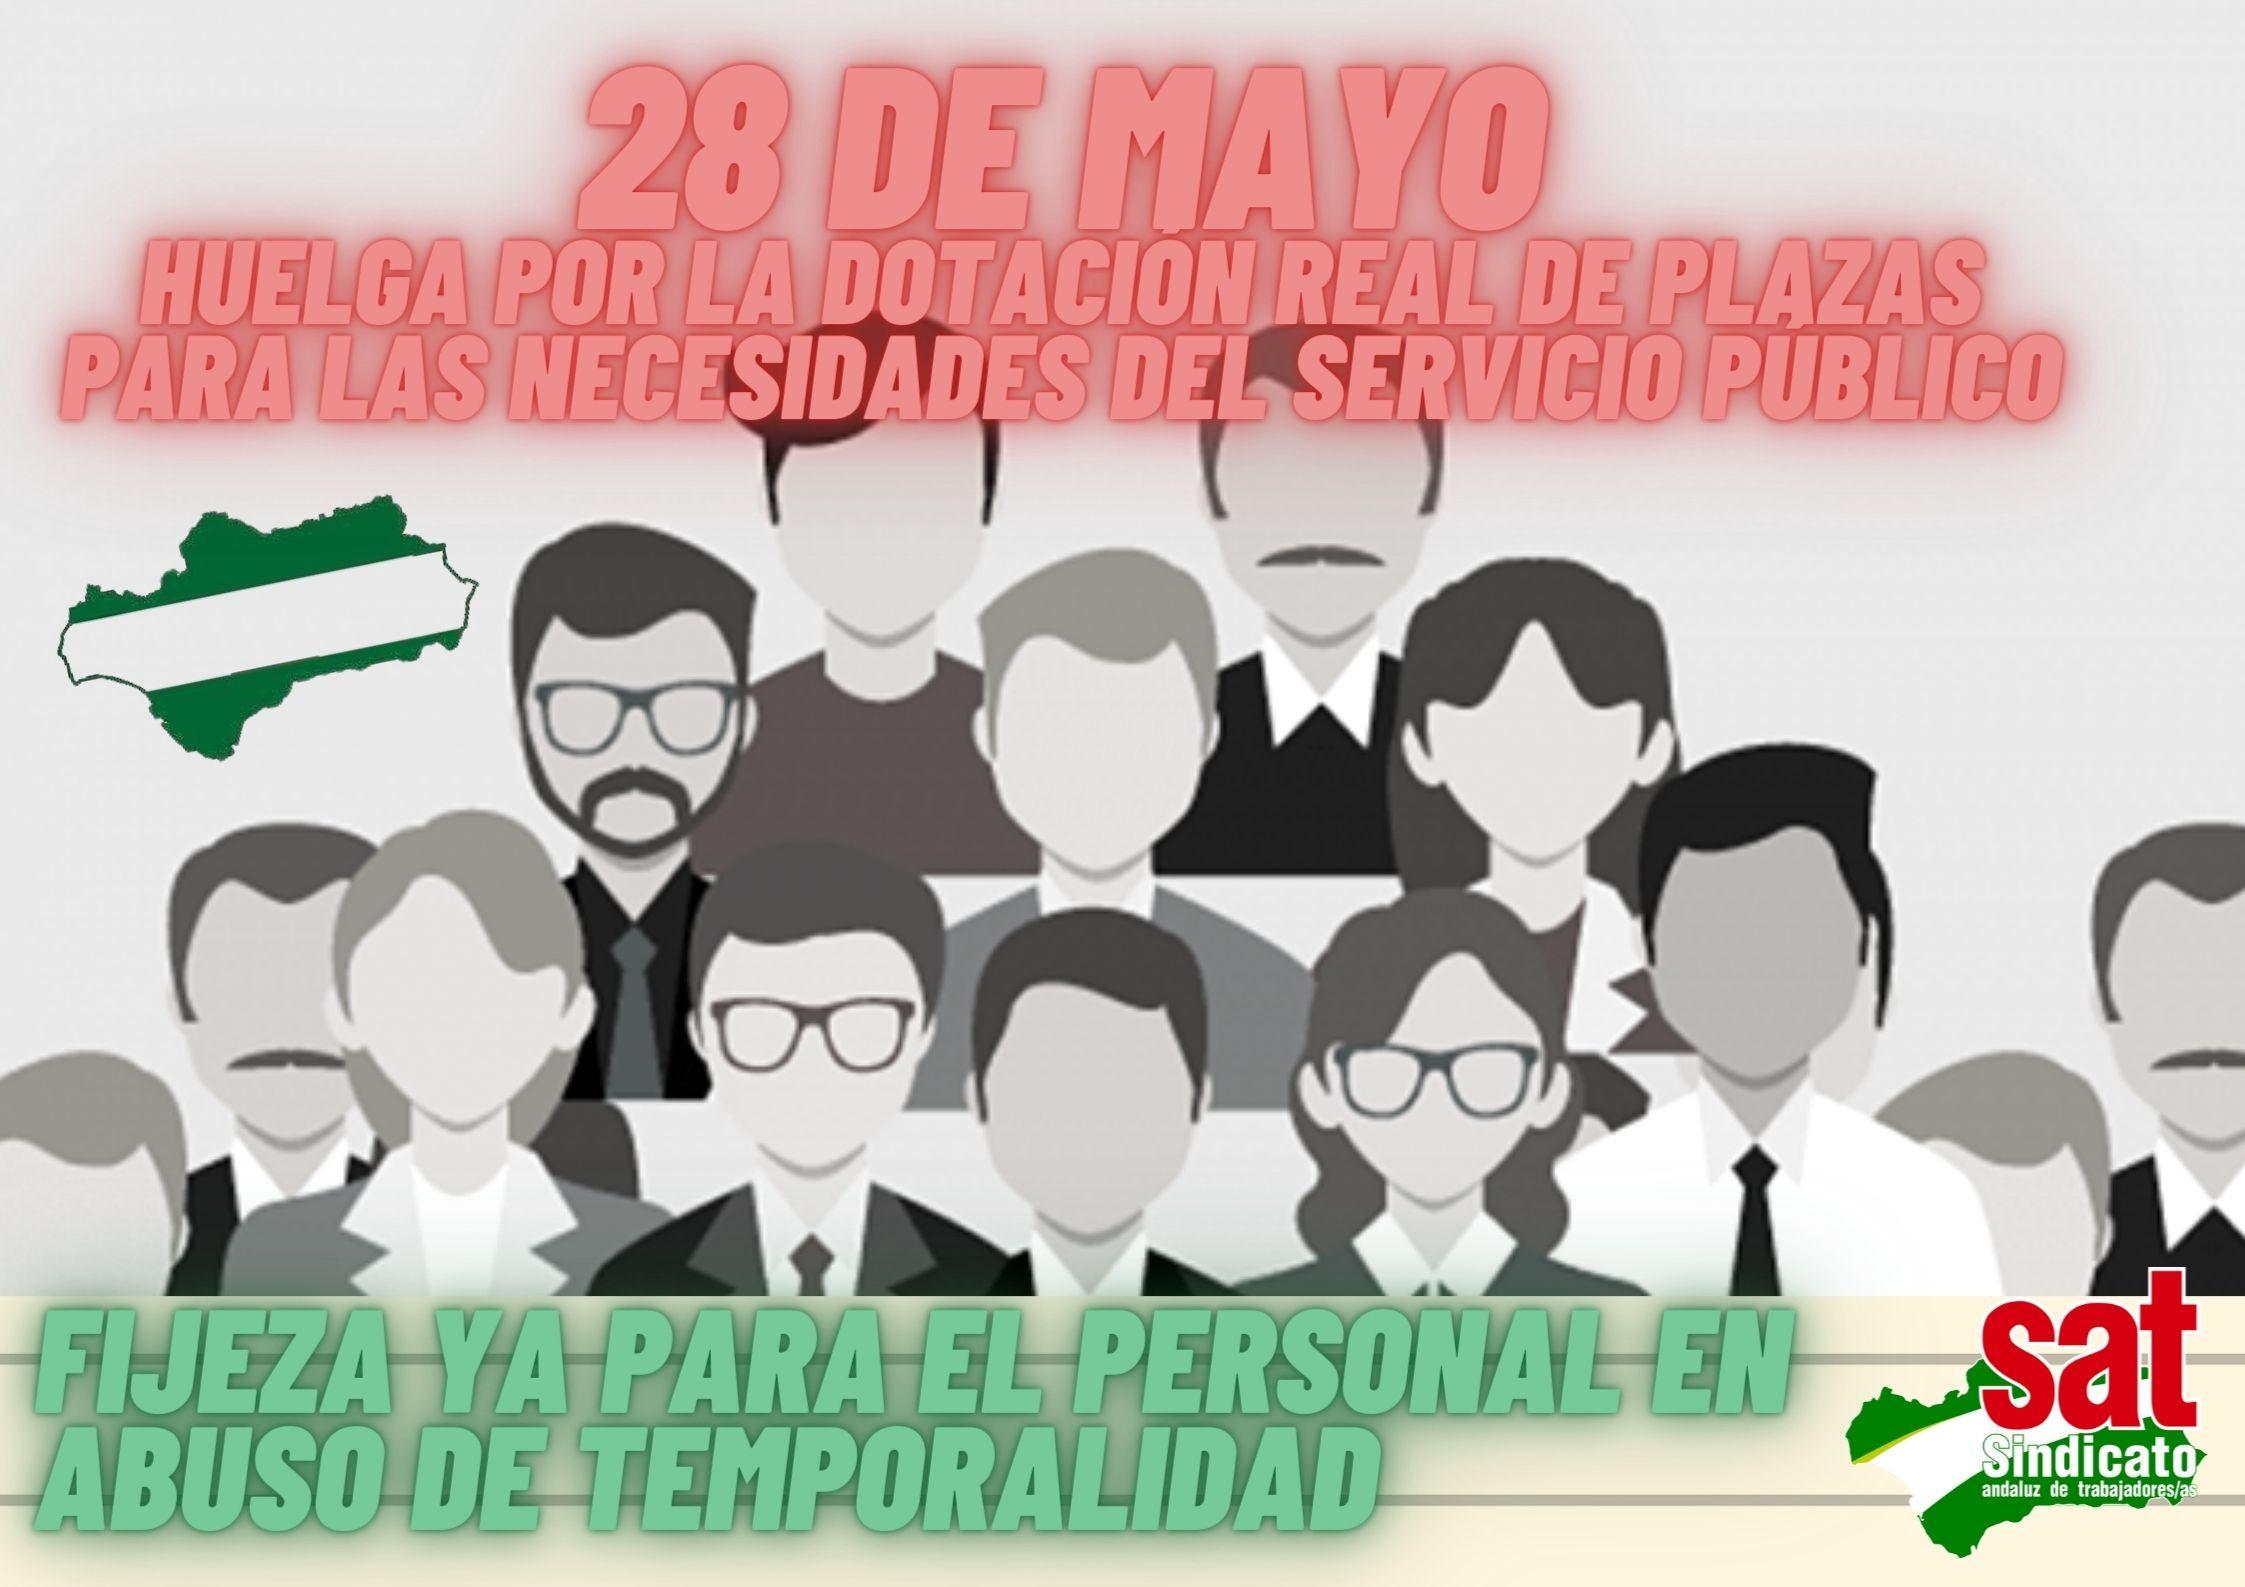 Copia de 28 de mayo HUELGA POR LA DOTACIÓN REAL DE PLAZAS PARA LAS NECESIDADES DEL SERVICIO